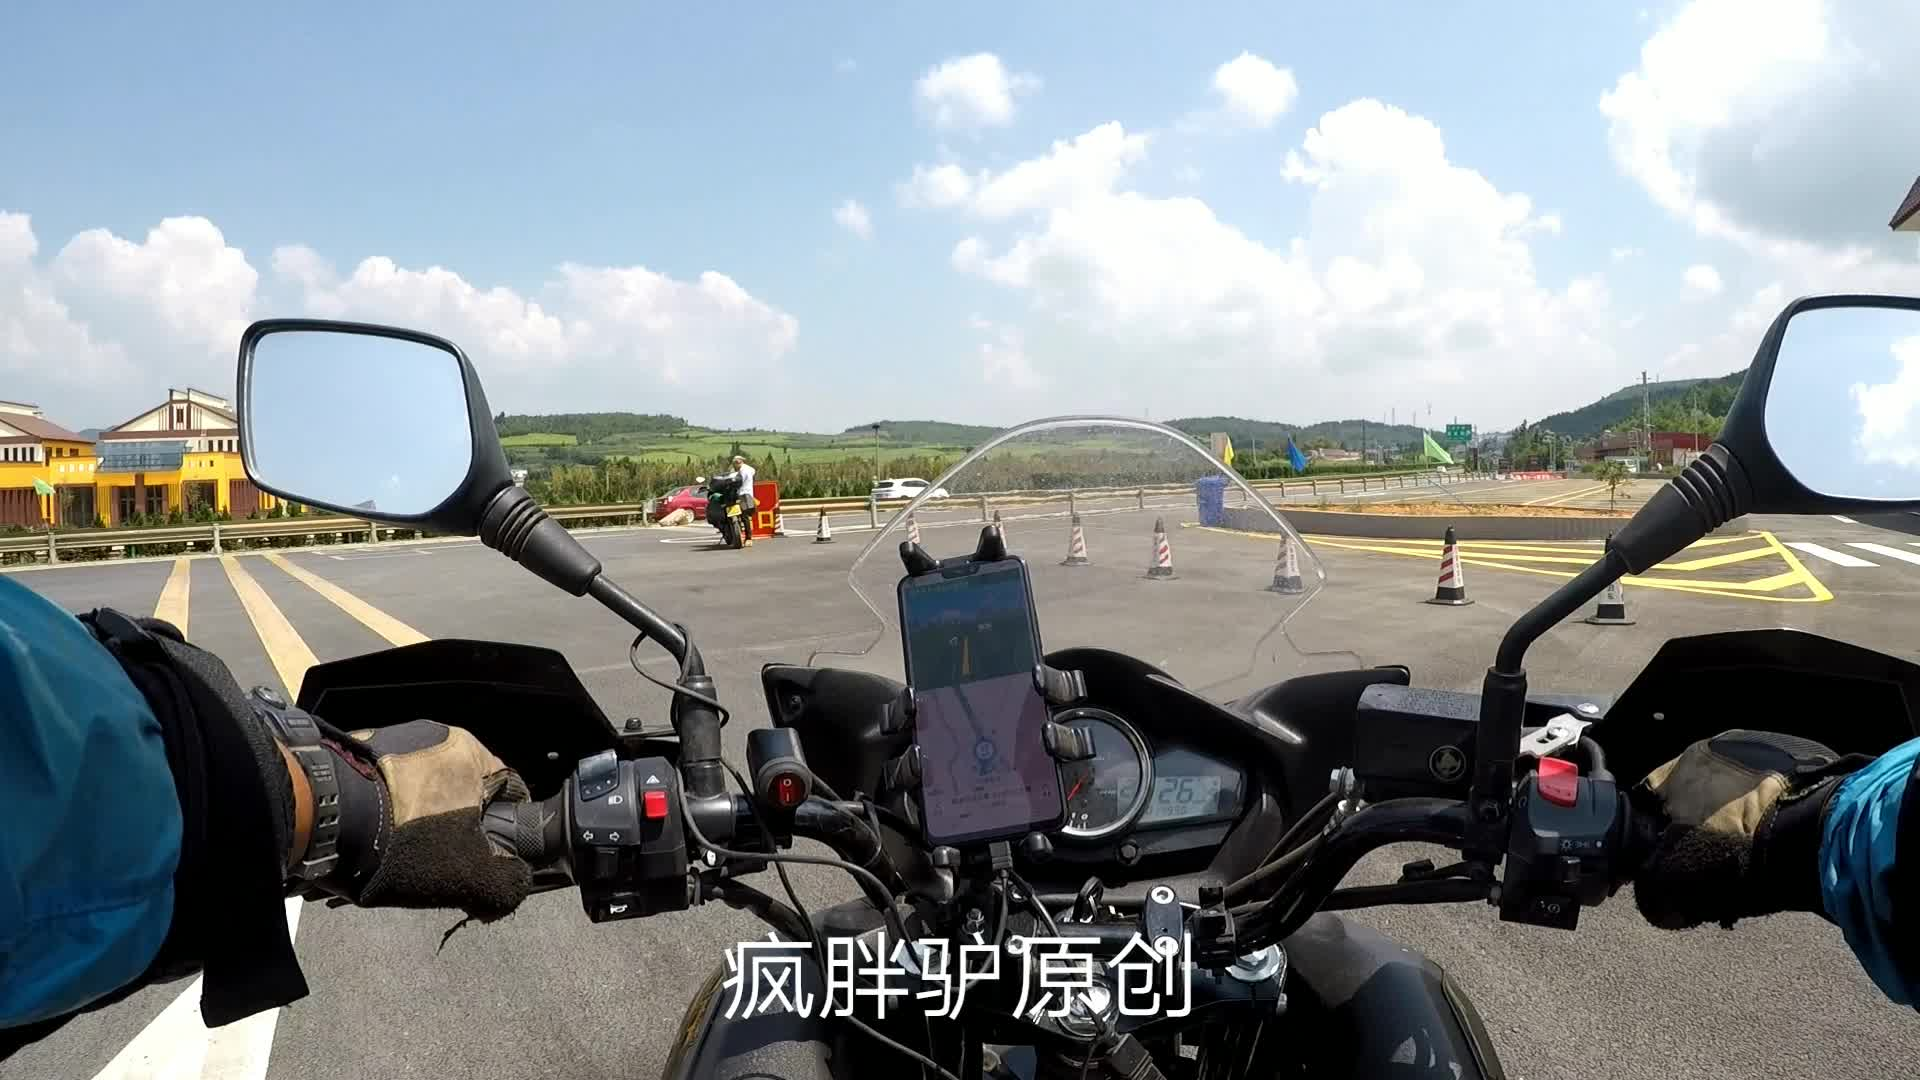 摩旅~云南高速服务区偶遇川崎650,身高169的骑士能轻松驾驭